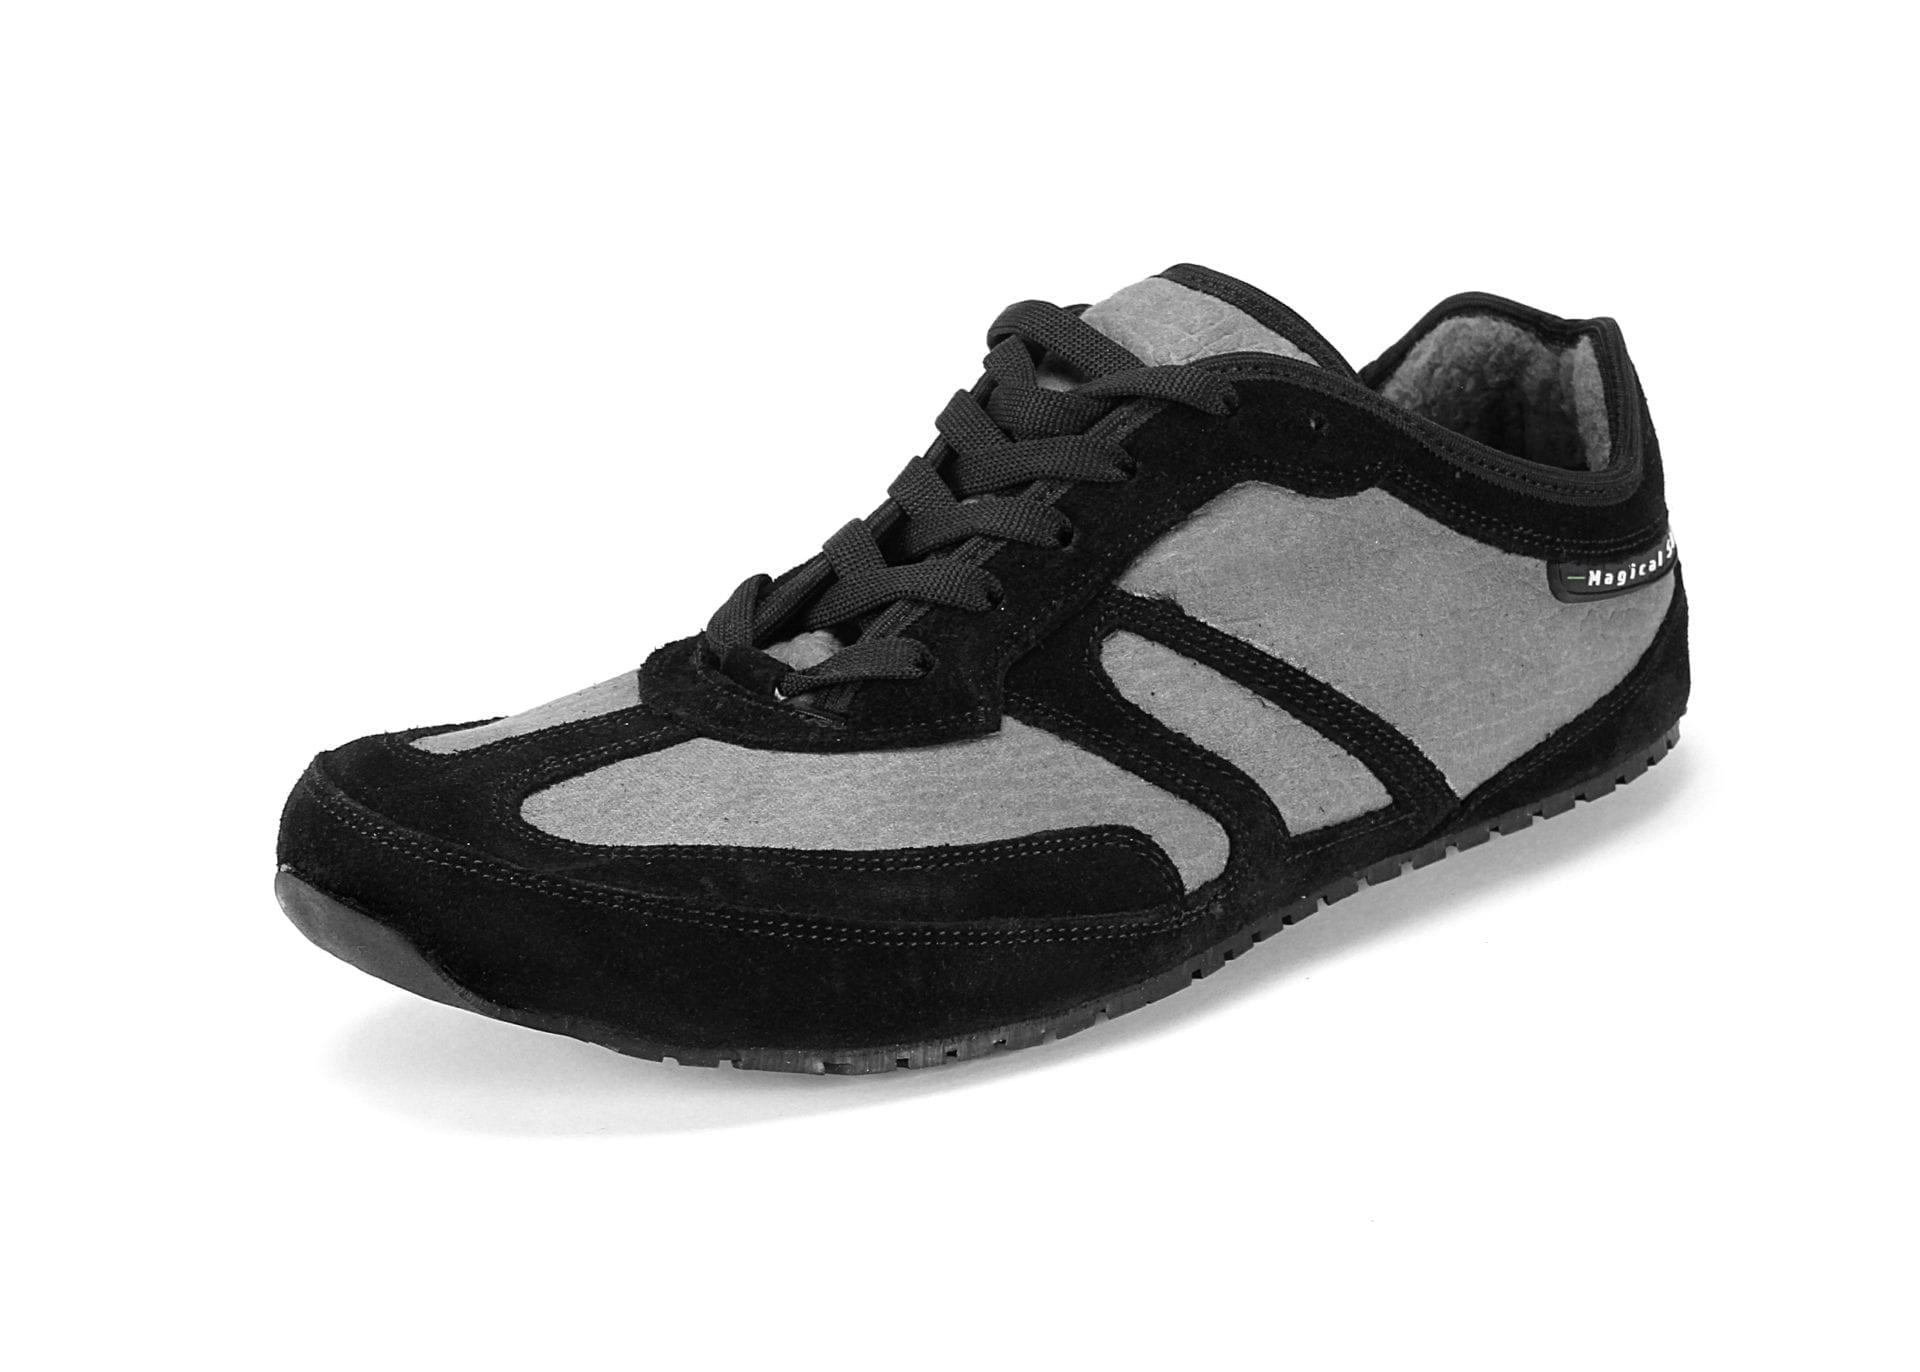 Magical Shoes EXPLORER AUTUMN KODIAK BAREFOOT SHOES picture 3